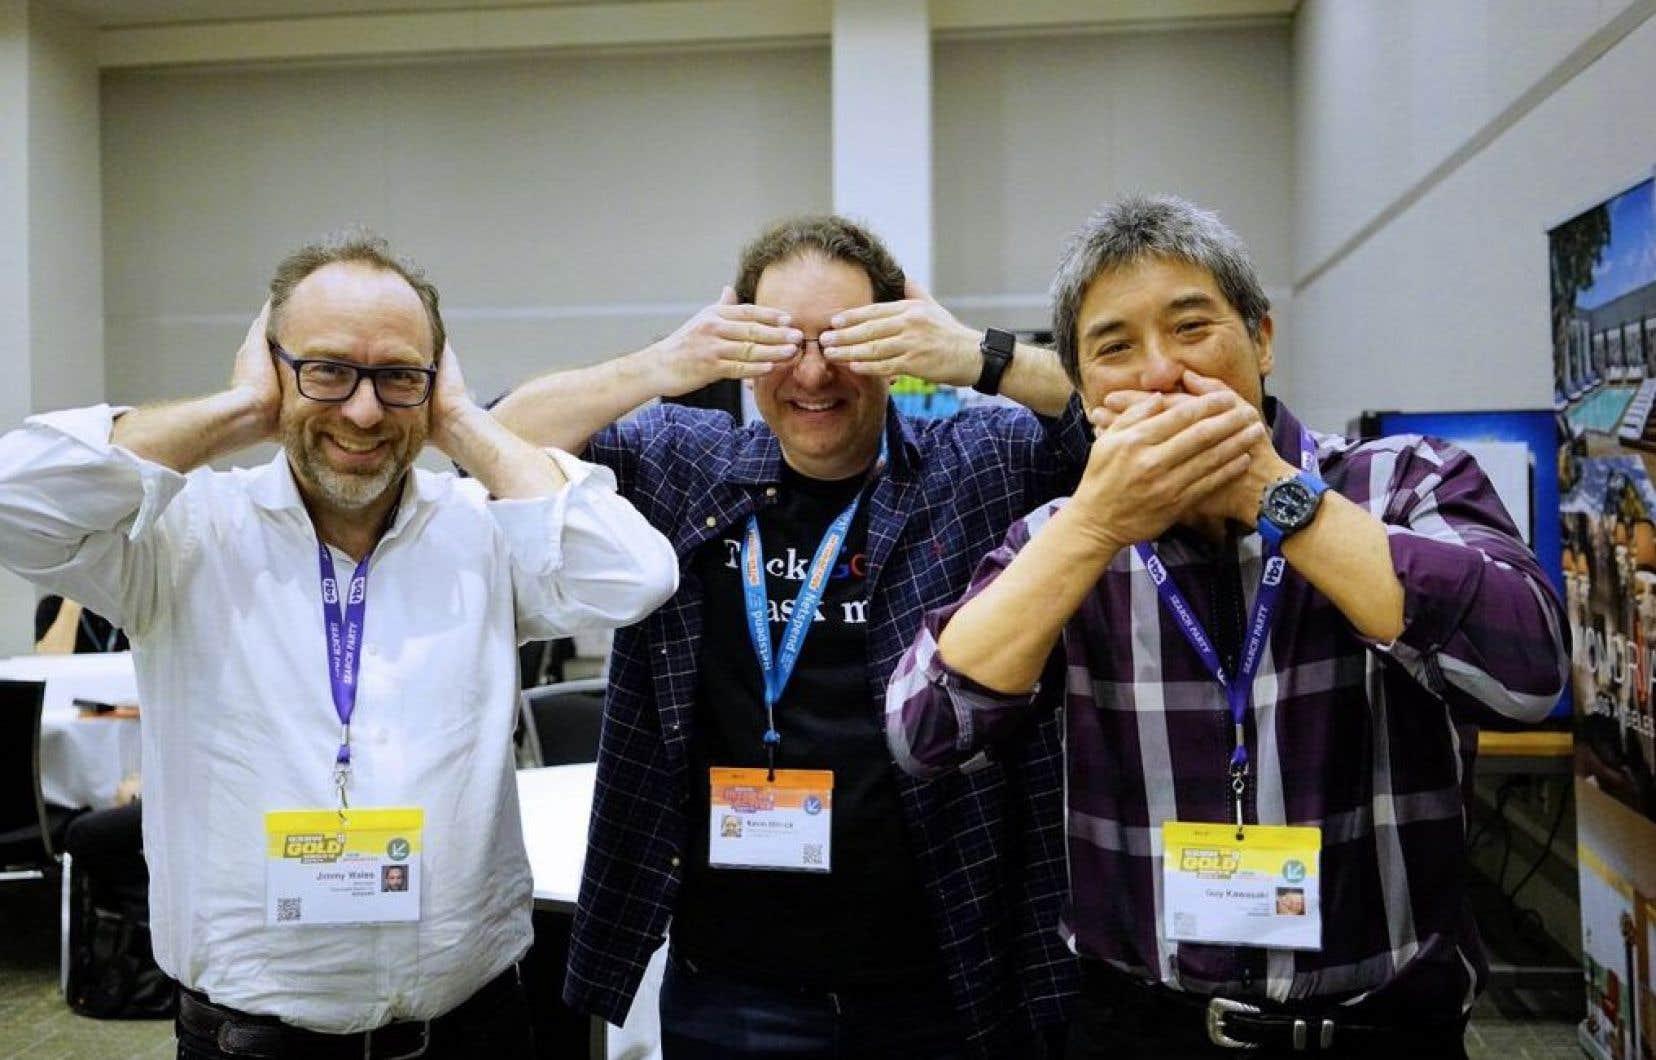 Jimmy Wales (à gauche), Kevin Mitnick, spécialiste en sécurité informatique, et Guy Kawasaki jouant aux singes de la sagesse dimanche lors du festival South by Southwest